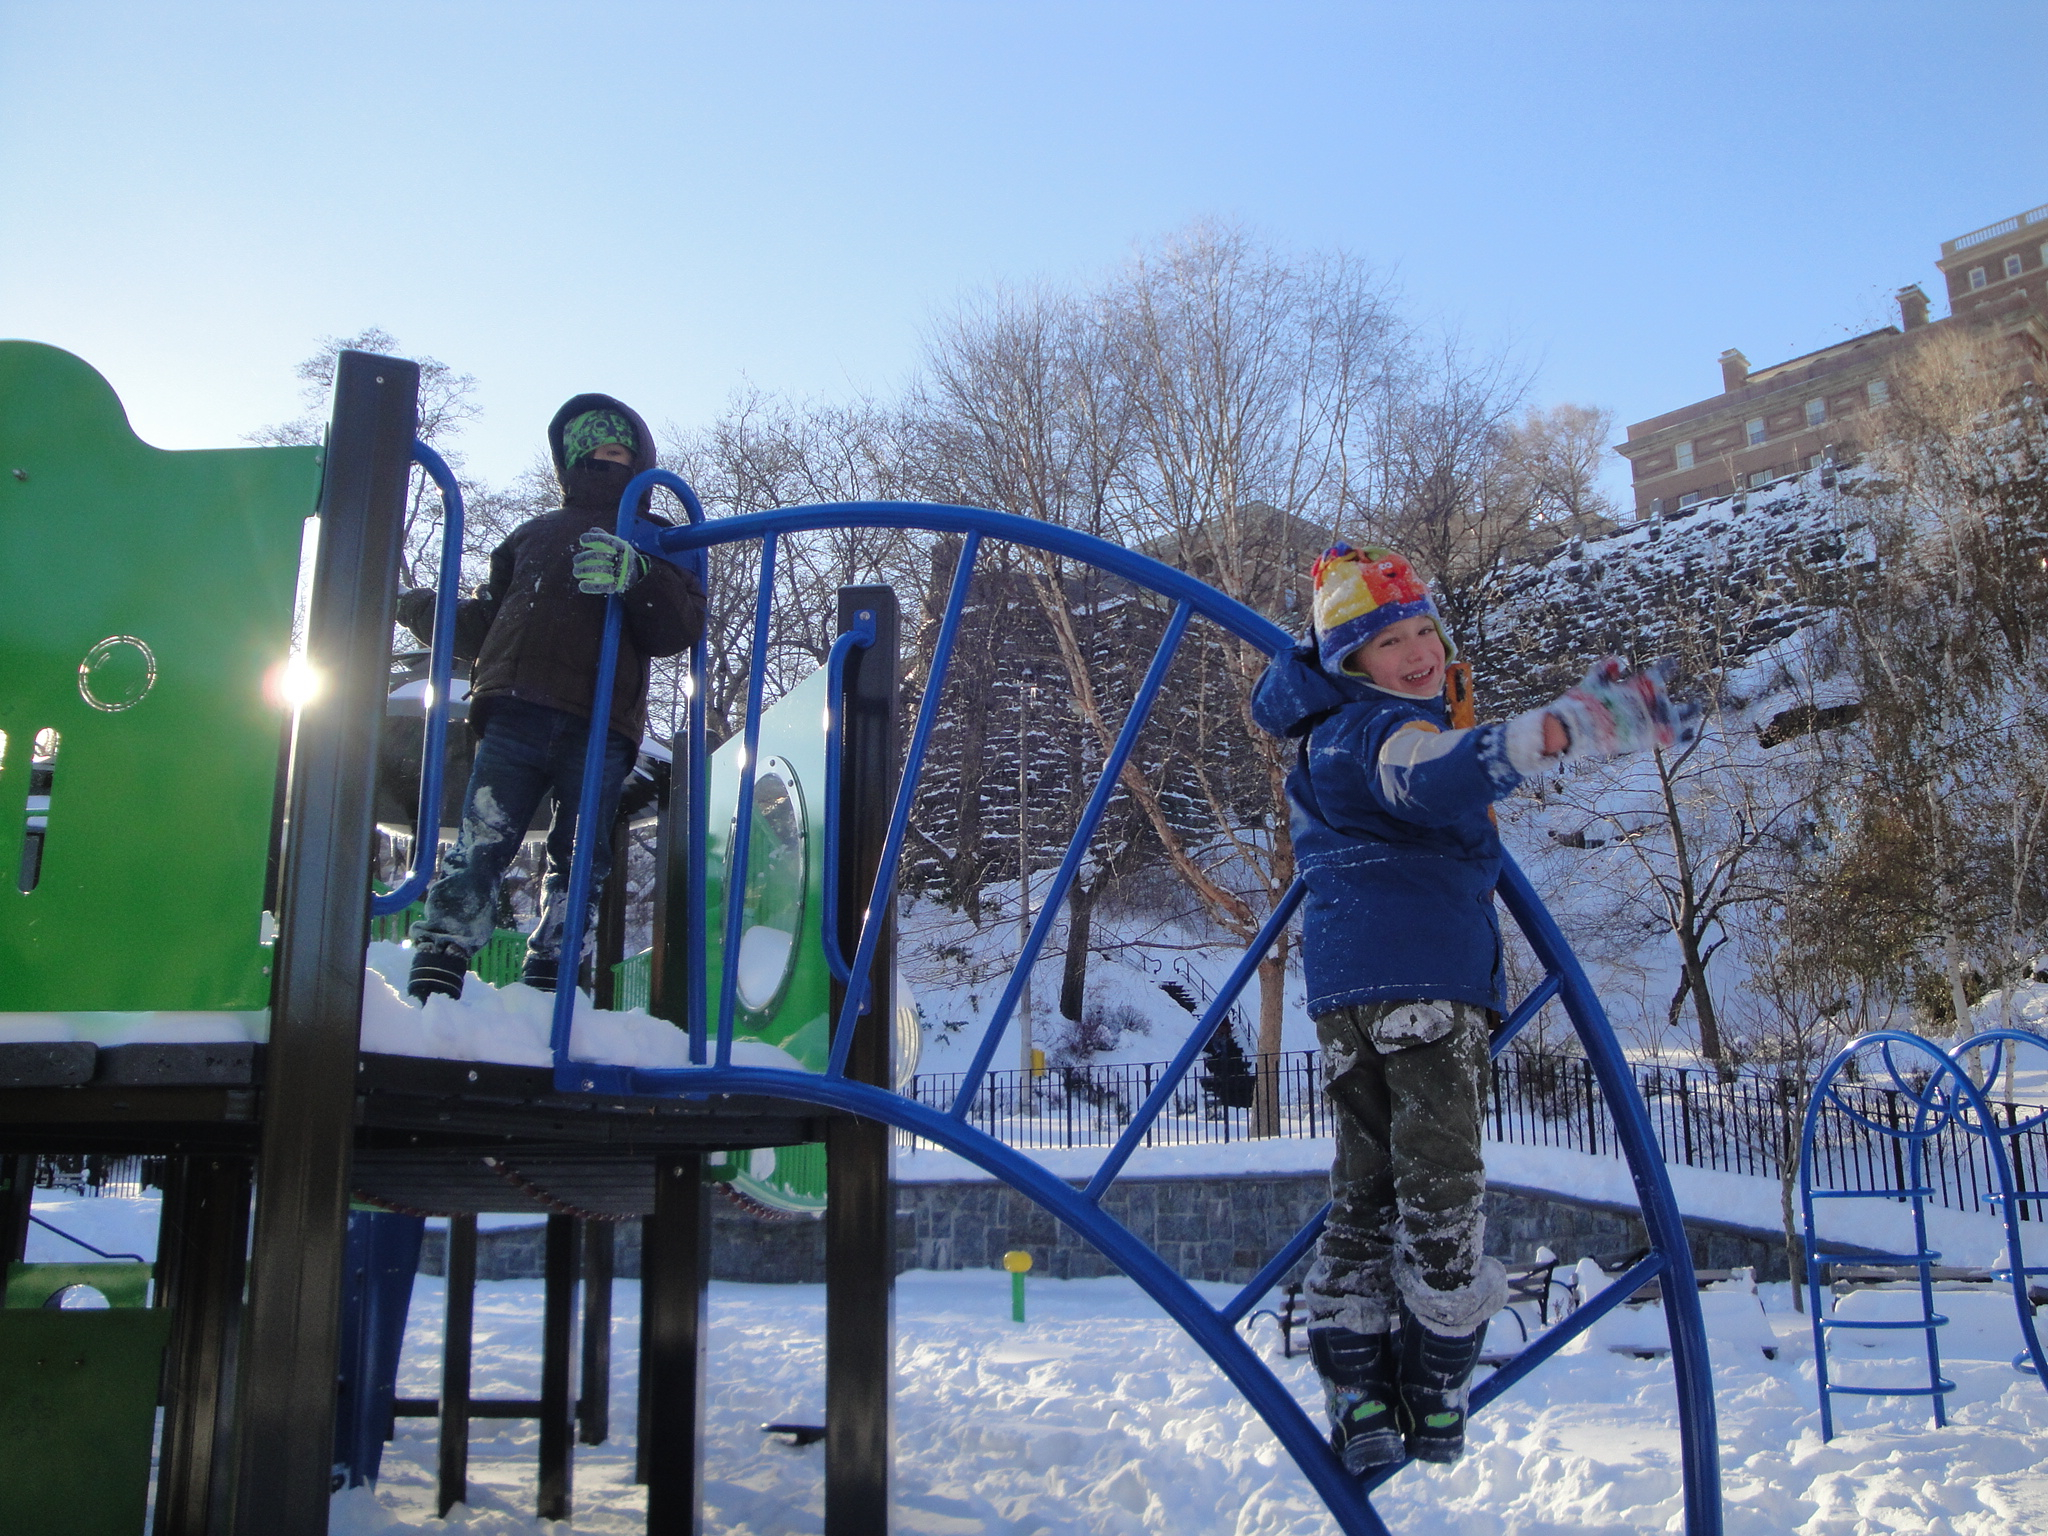 Central Park playgrounds, NY/Kimberly Sullivan